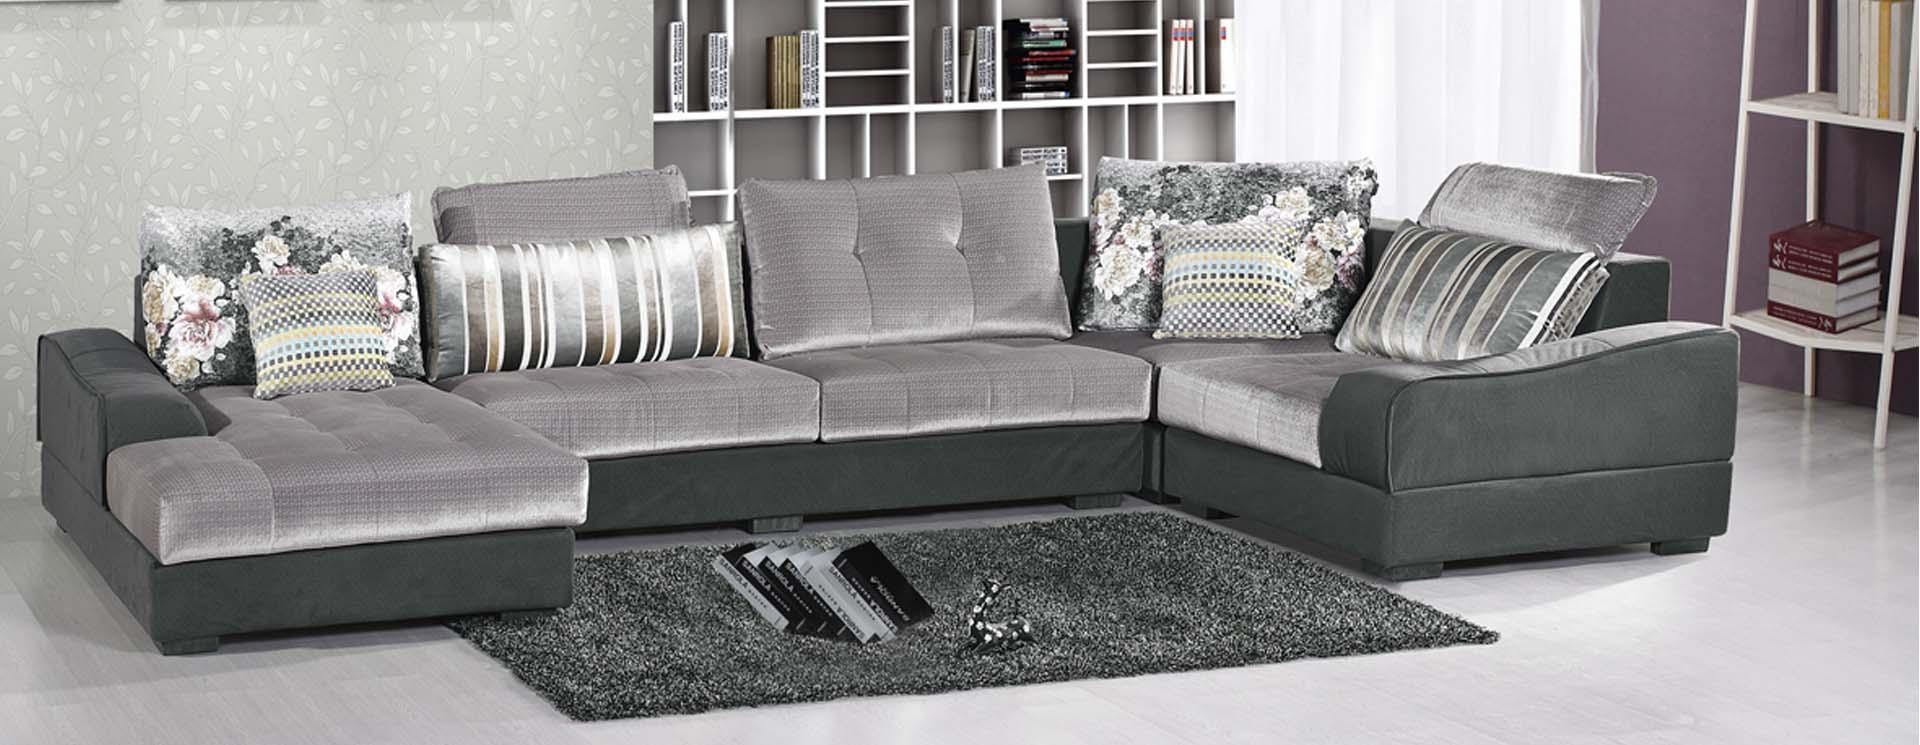 名称:沙发E-662B#<br/> 市场价:<font style='color:#999;text-decoration:line-through;'>¥0</font><br />全国统一零售价:<font color='Red'>¥0.0</font>